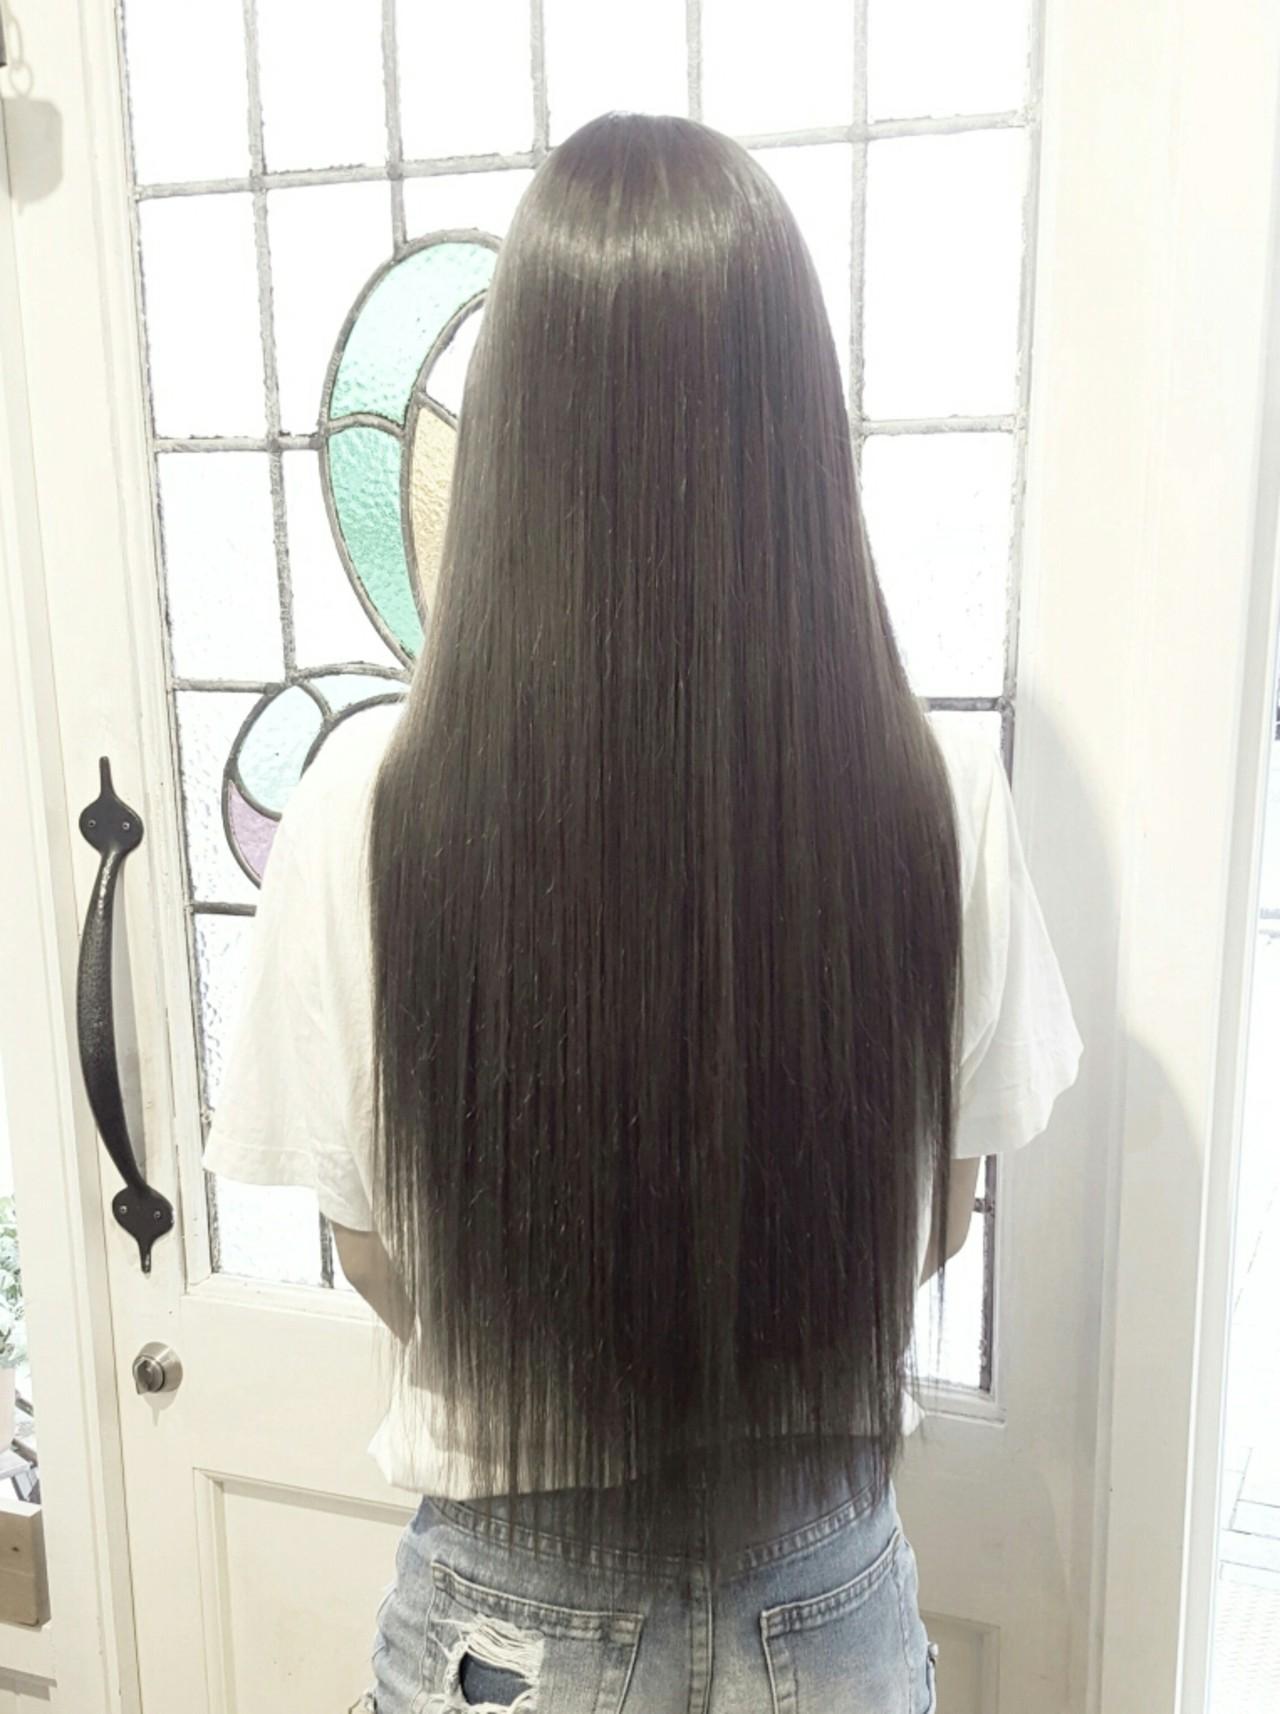 グラデーションカラー ナチュラル アッシュ ストレート ヘアスタイルや髪型の写真・画像 | Kazuhiro Taka / Rogue hair kanamachi